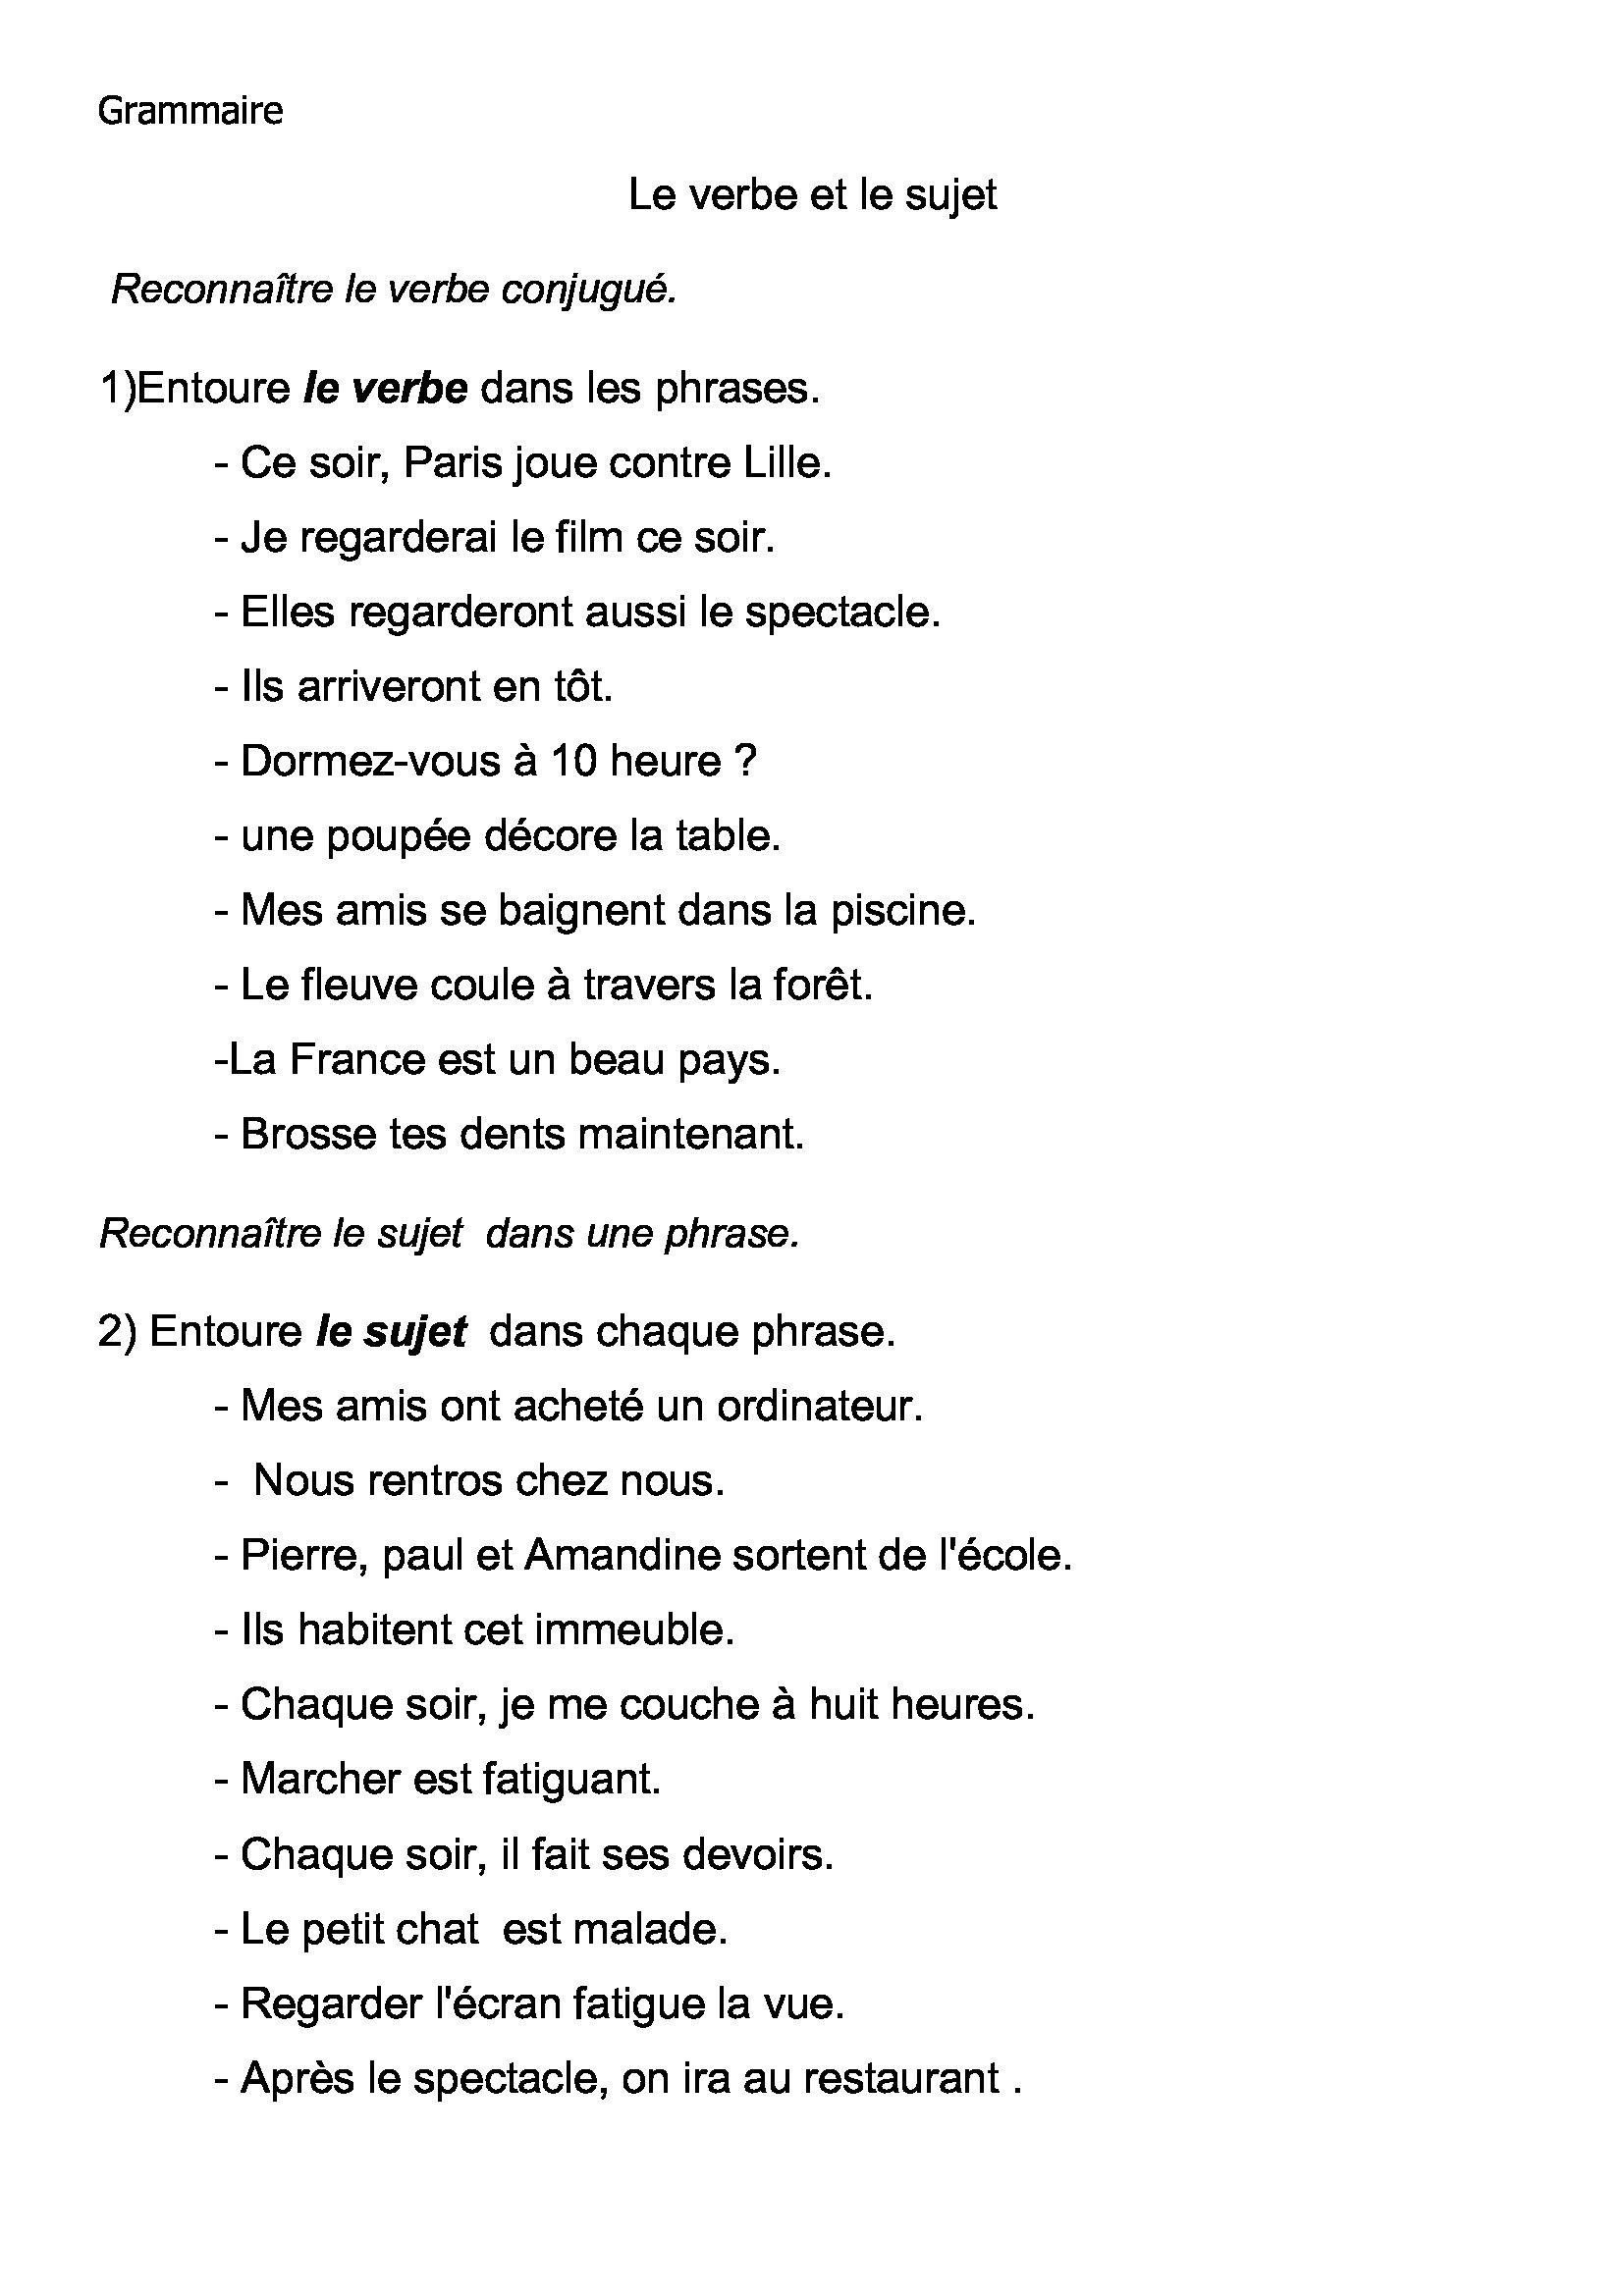 Grammaire Francais Evaluations Et Exercices Ce2 Cm1 Et Cm2